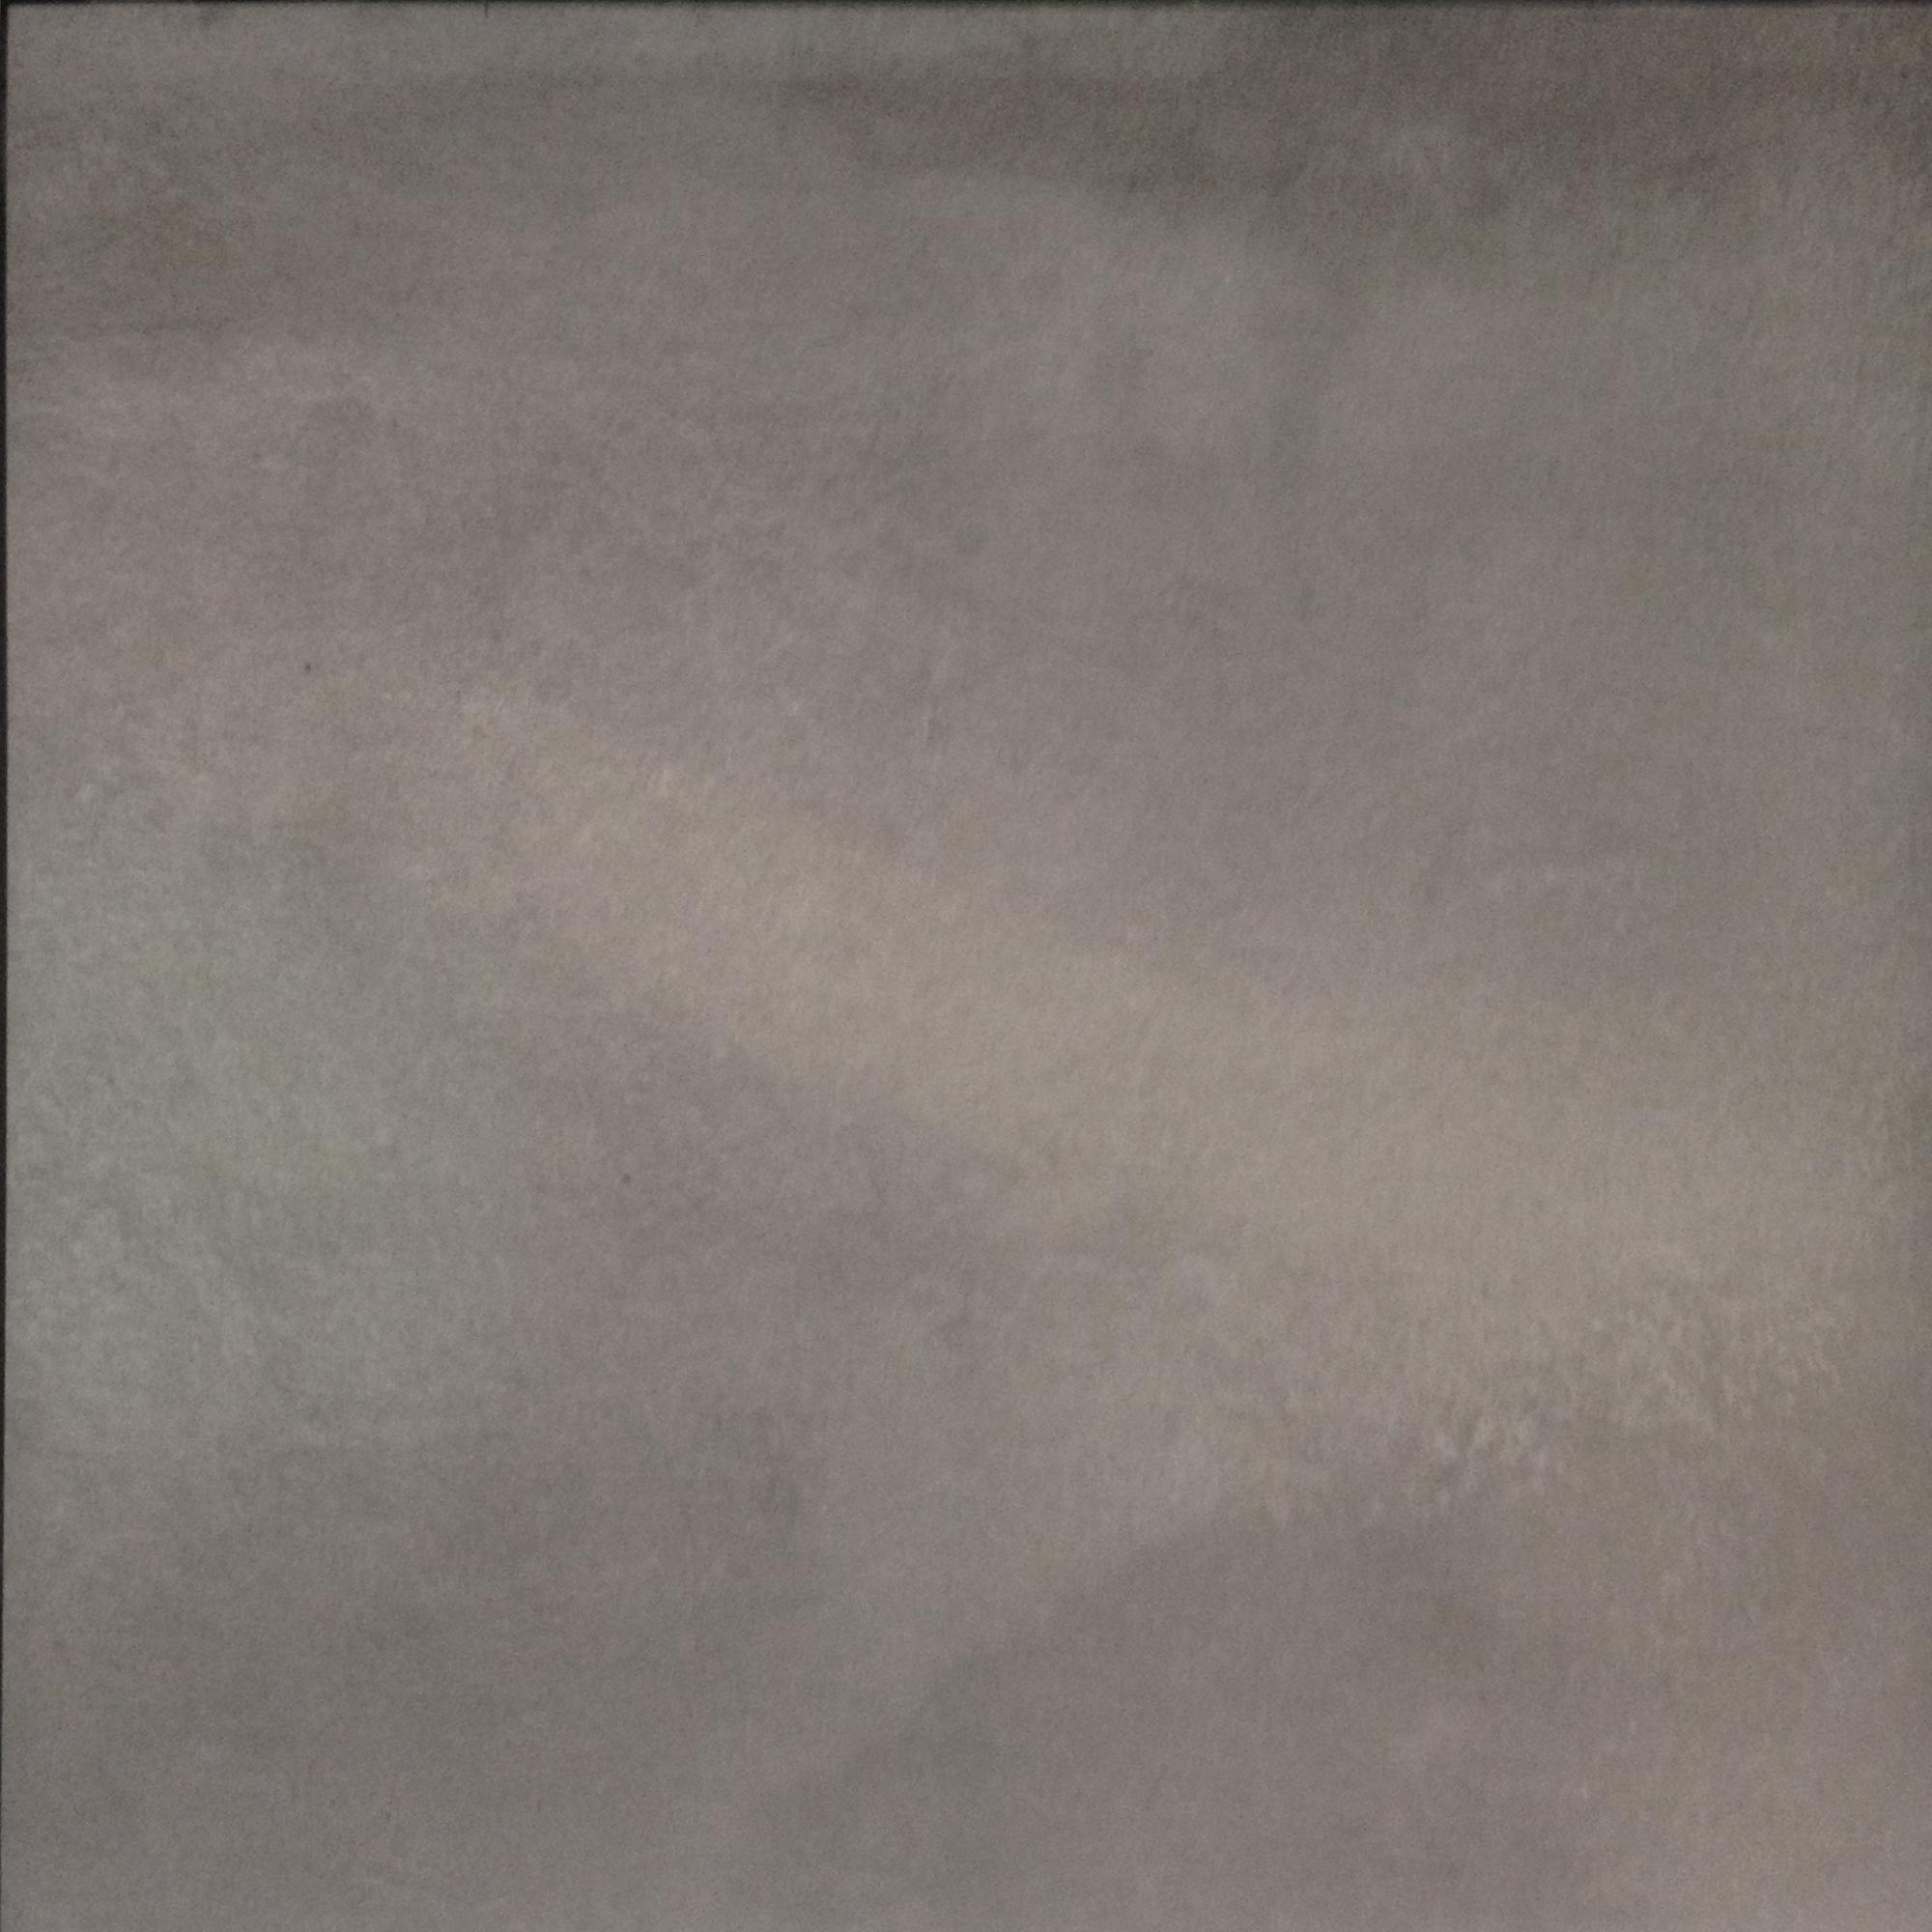 série Dalle Pgr perla grigio 2cm